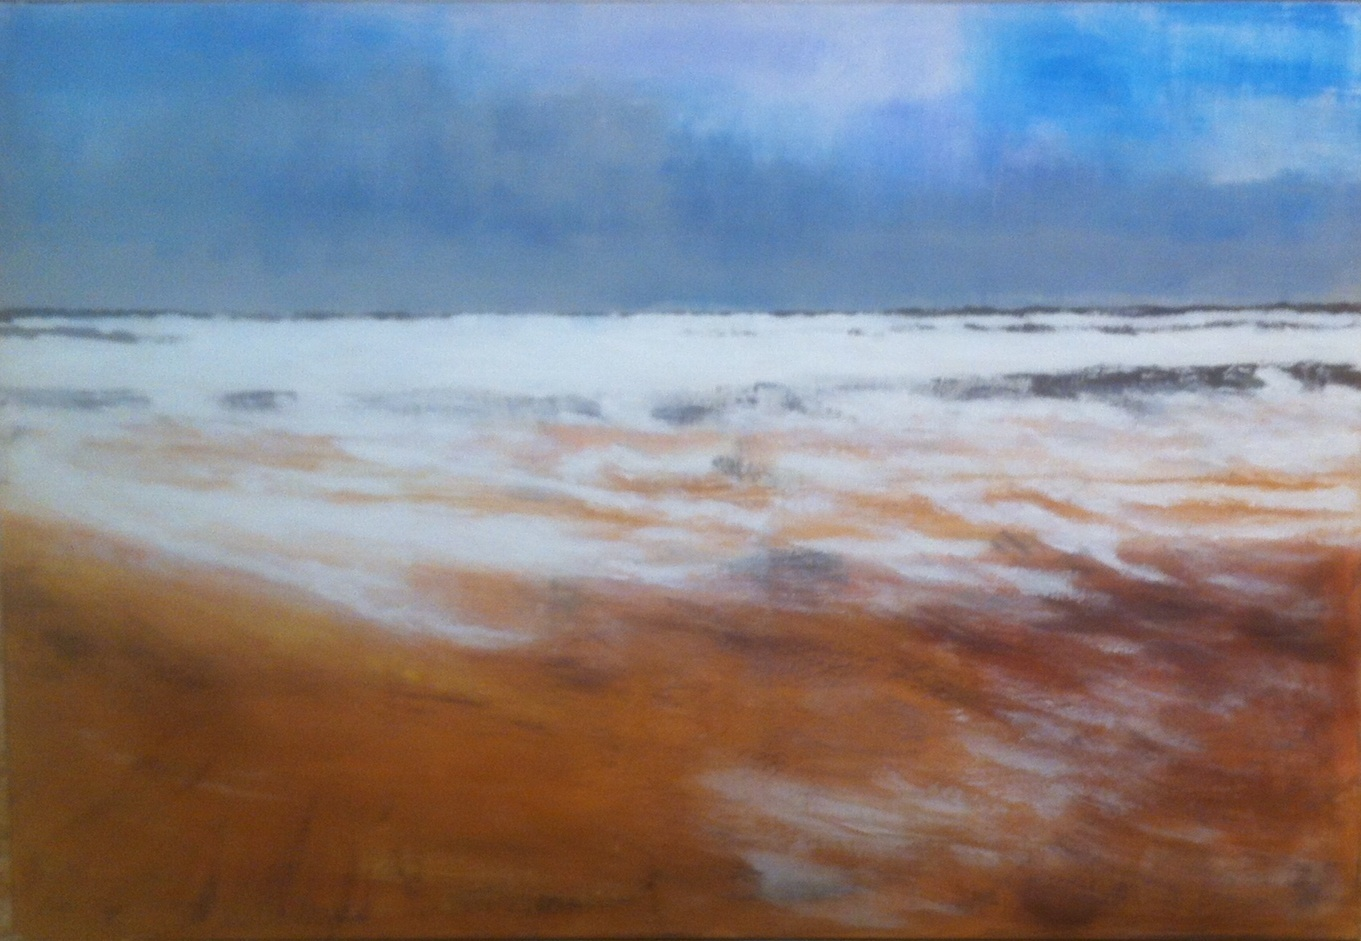 N°1834 - Ecume - Acrylique et pigments - 97 x 130 cm - 3 avril 2015